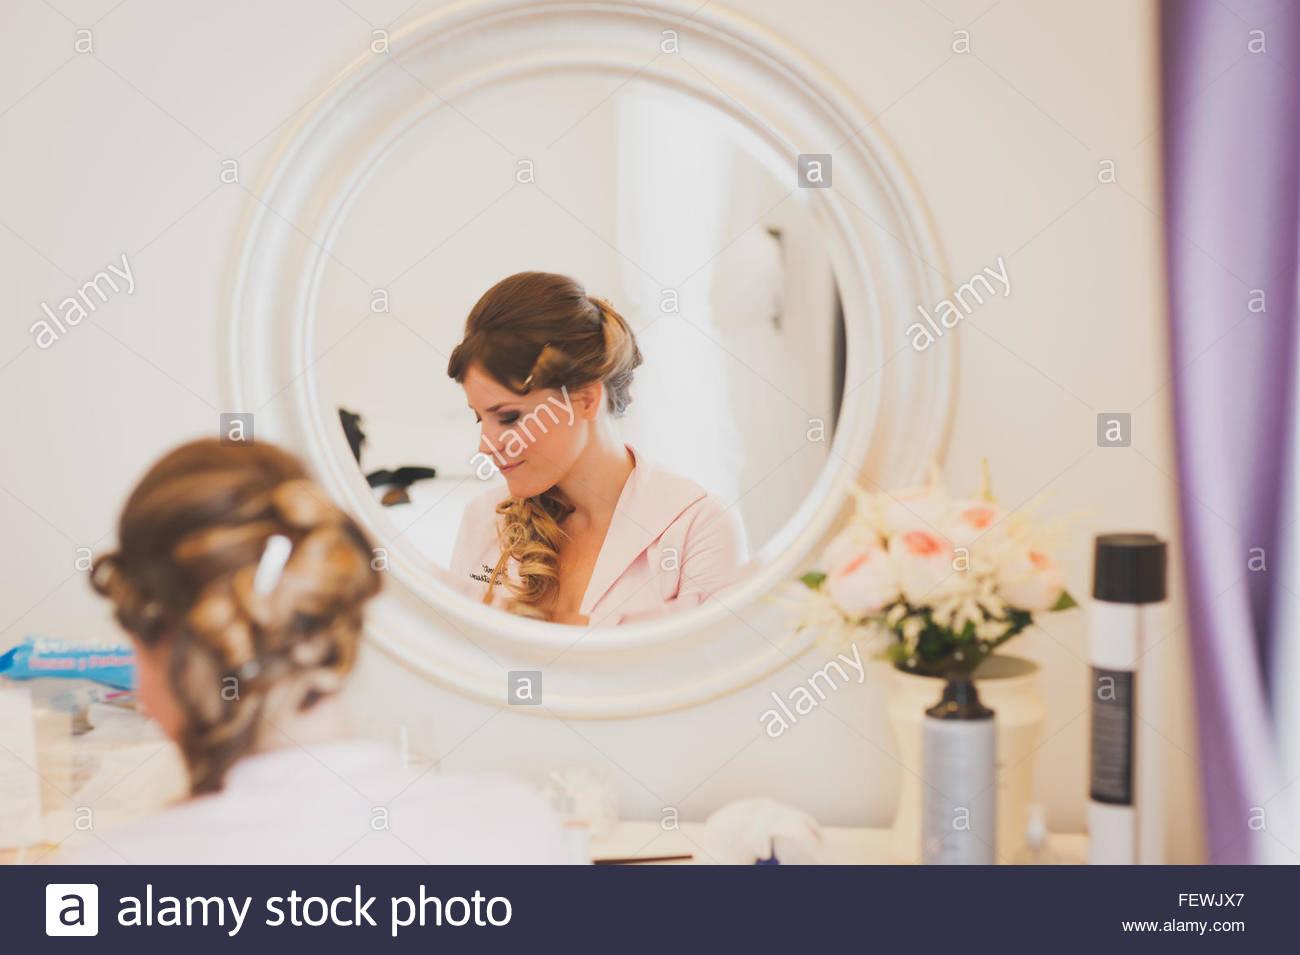 Reflexion der Frau im Spiegel Stockbild